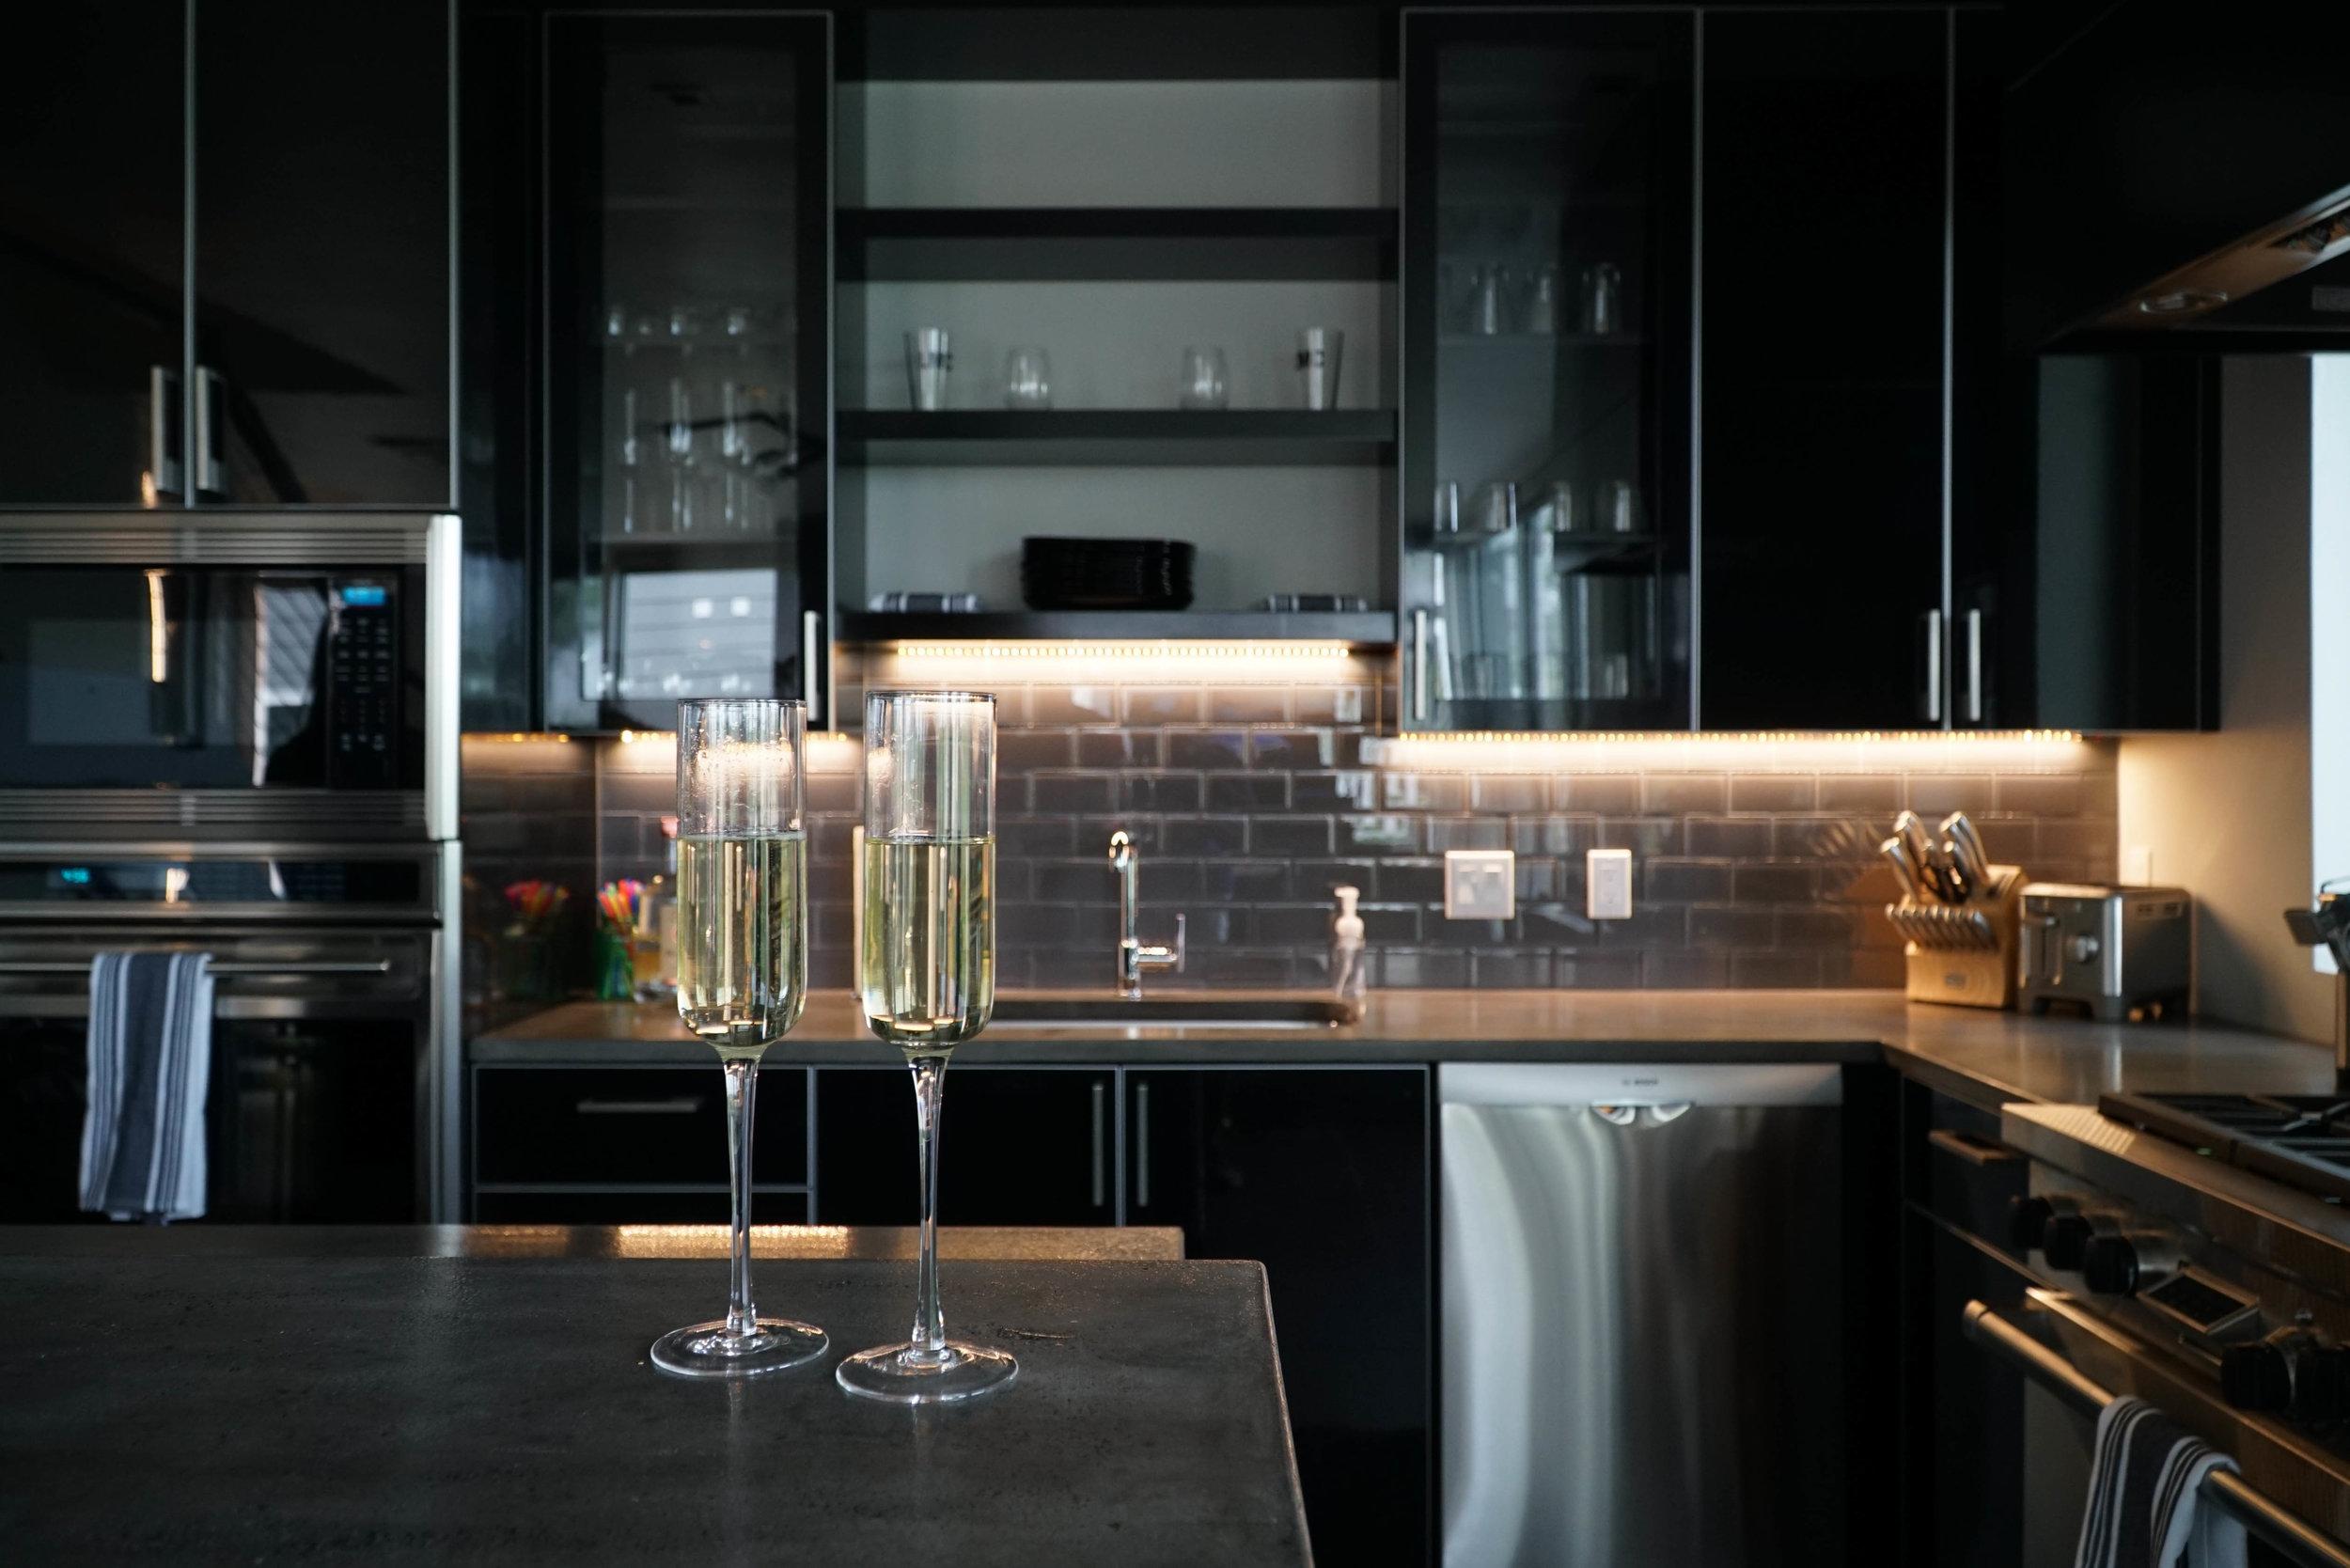 Monte Carlo's Chef's Kitchen boasts Wolf and Sub-Zero Appliances